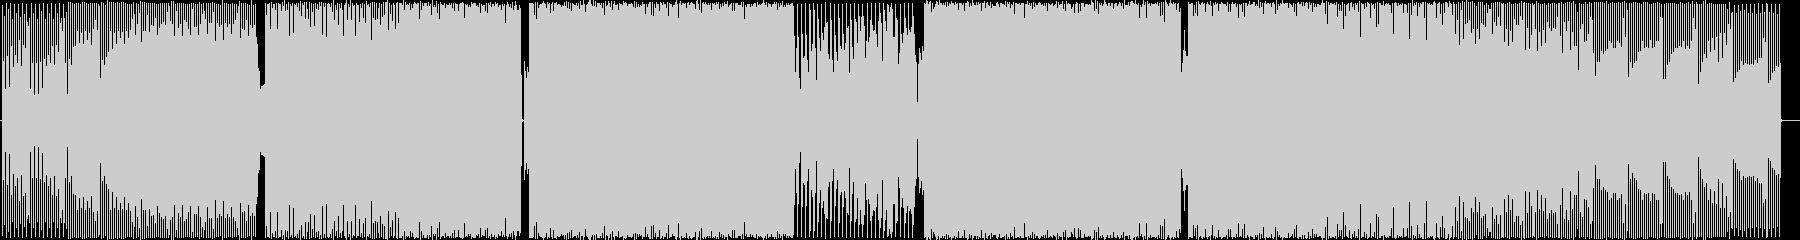 レースゲームっぽい4つ打ちの未再生の波形